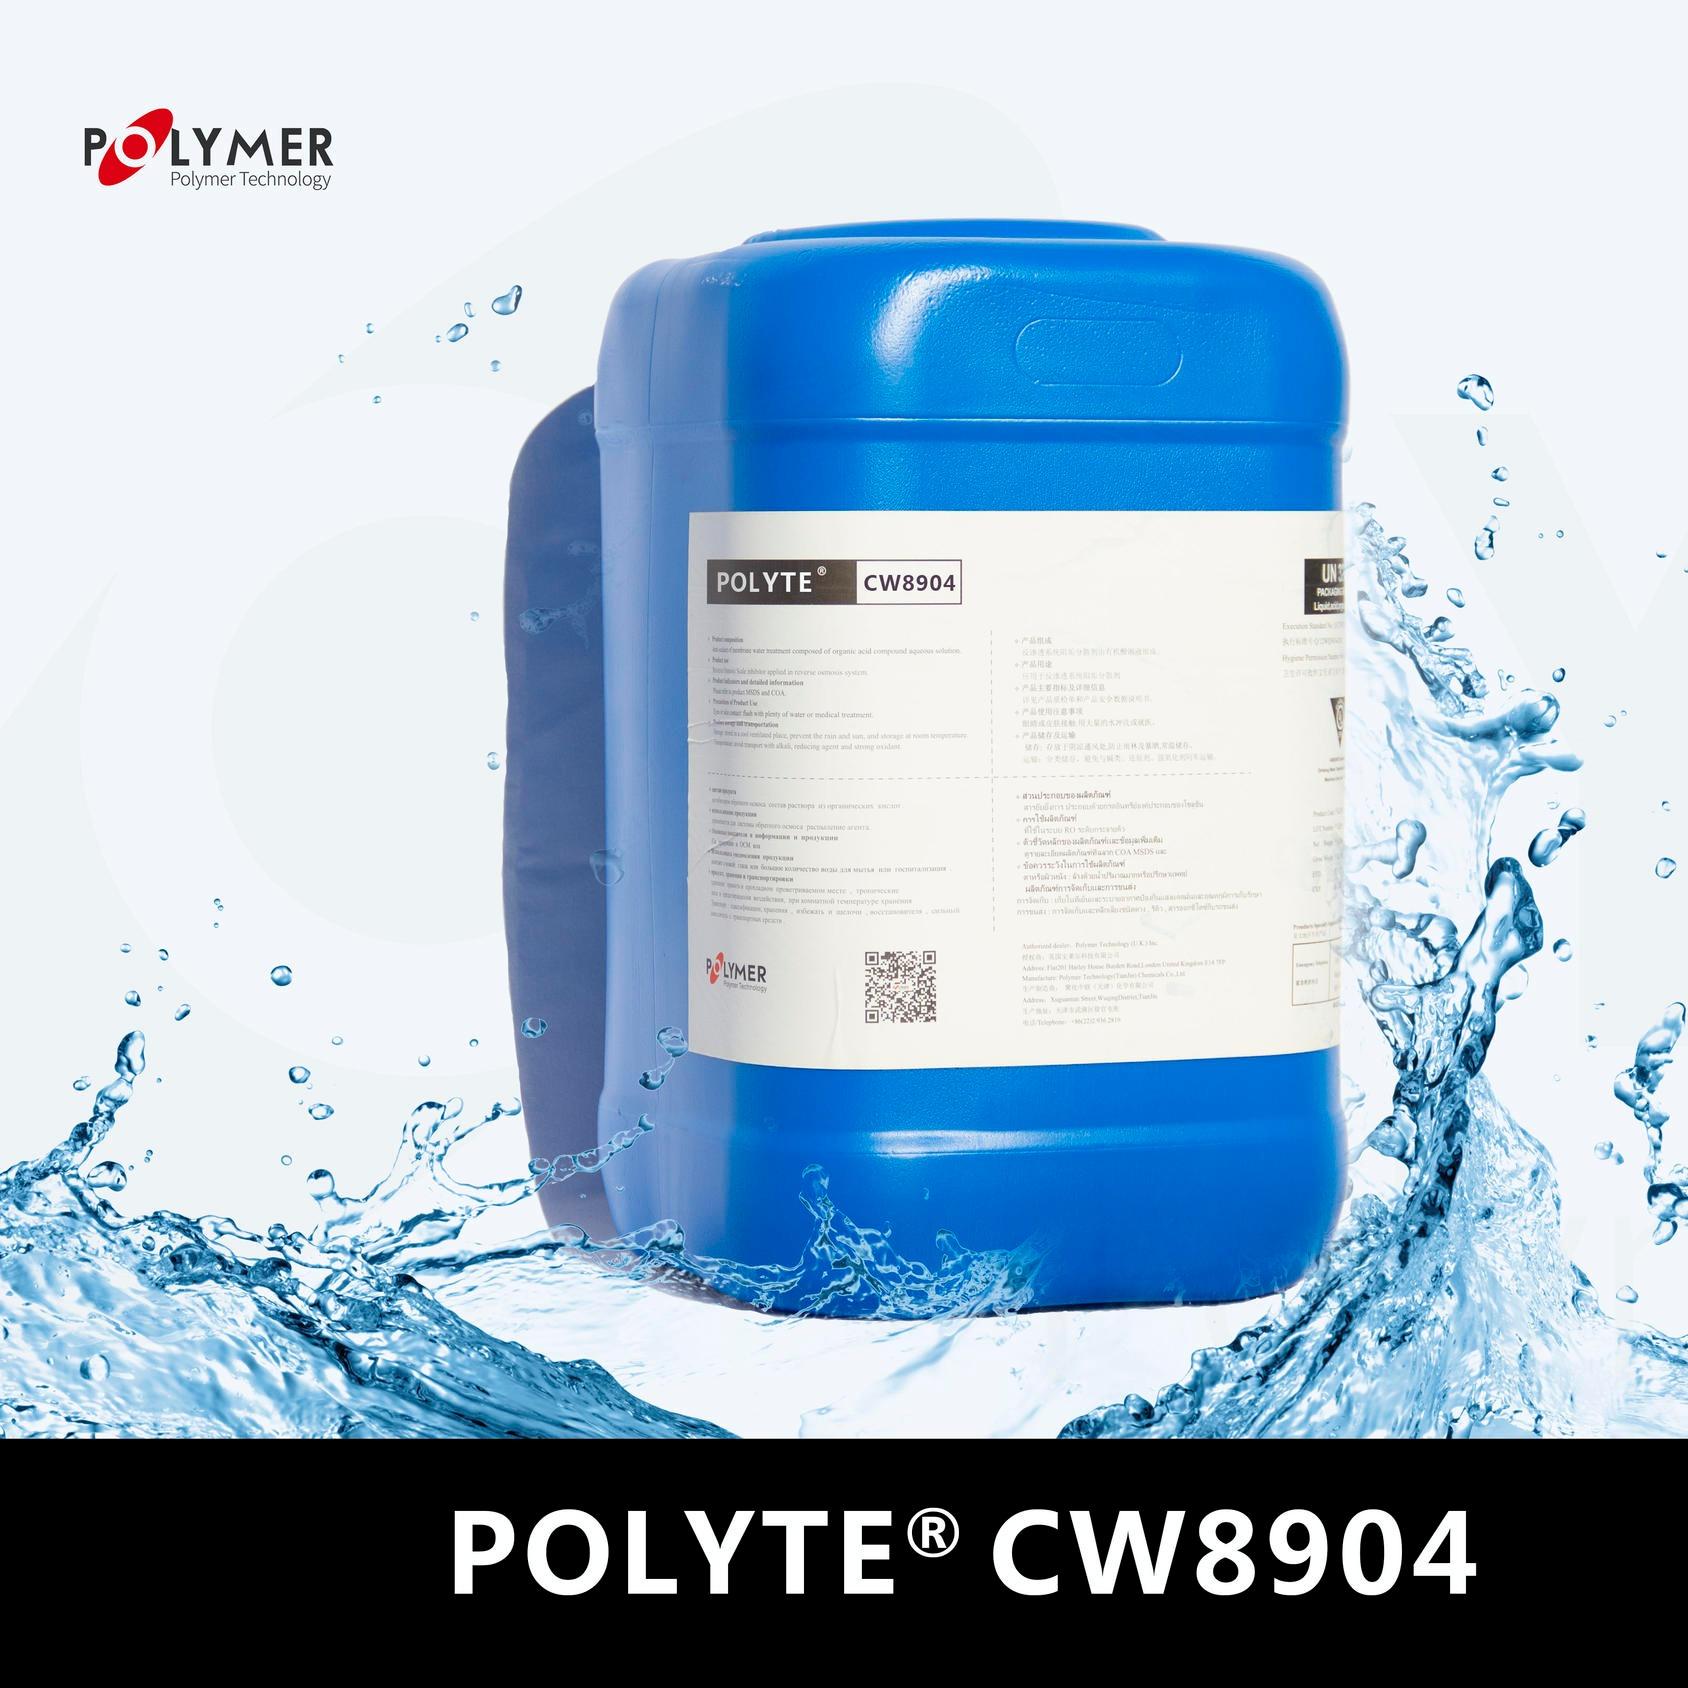 宝莱尔 电力行业缓蚀阻垢剂POLYTE  CW8904 电力行业专用 英国POLYMER品牌 厂家直供 价格面谈